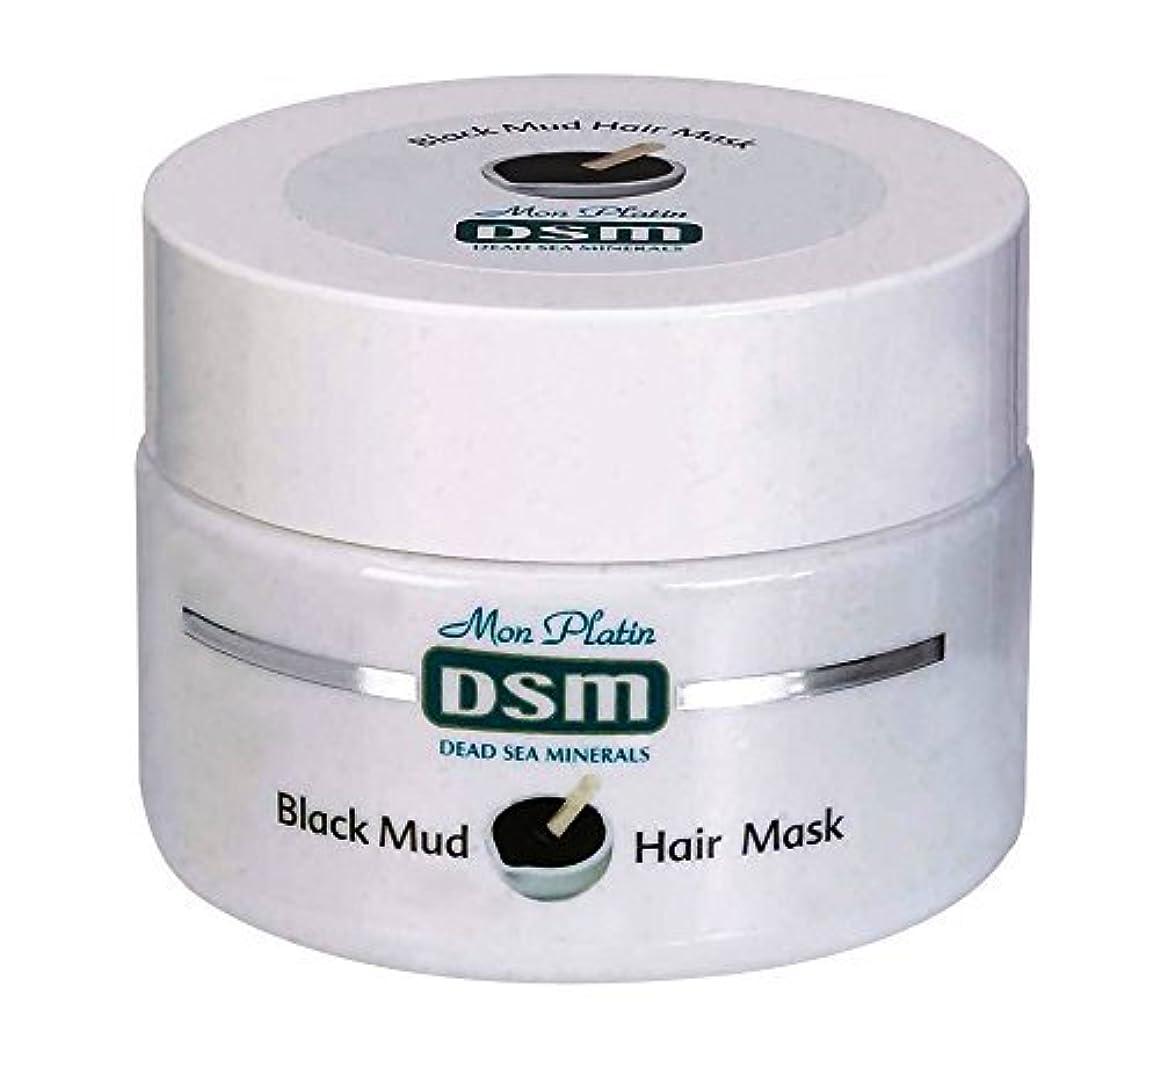 オッズ離れたテント頭皮と髪のための髪の泥マスク 250mL 死海ミネラル 天然 お手入れ 美容 イスラエル 全皮膚タイプ ビタミン (Mud Hair Mask  for Scalp & Hair)